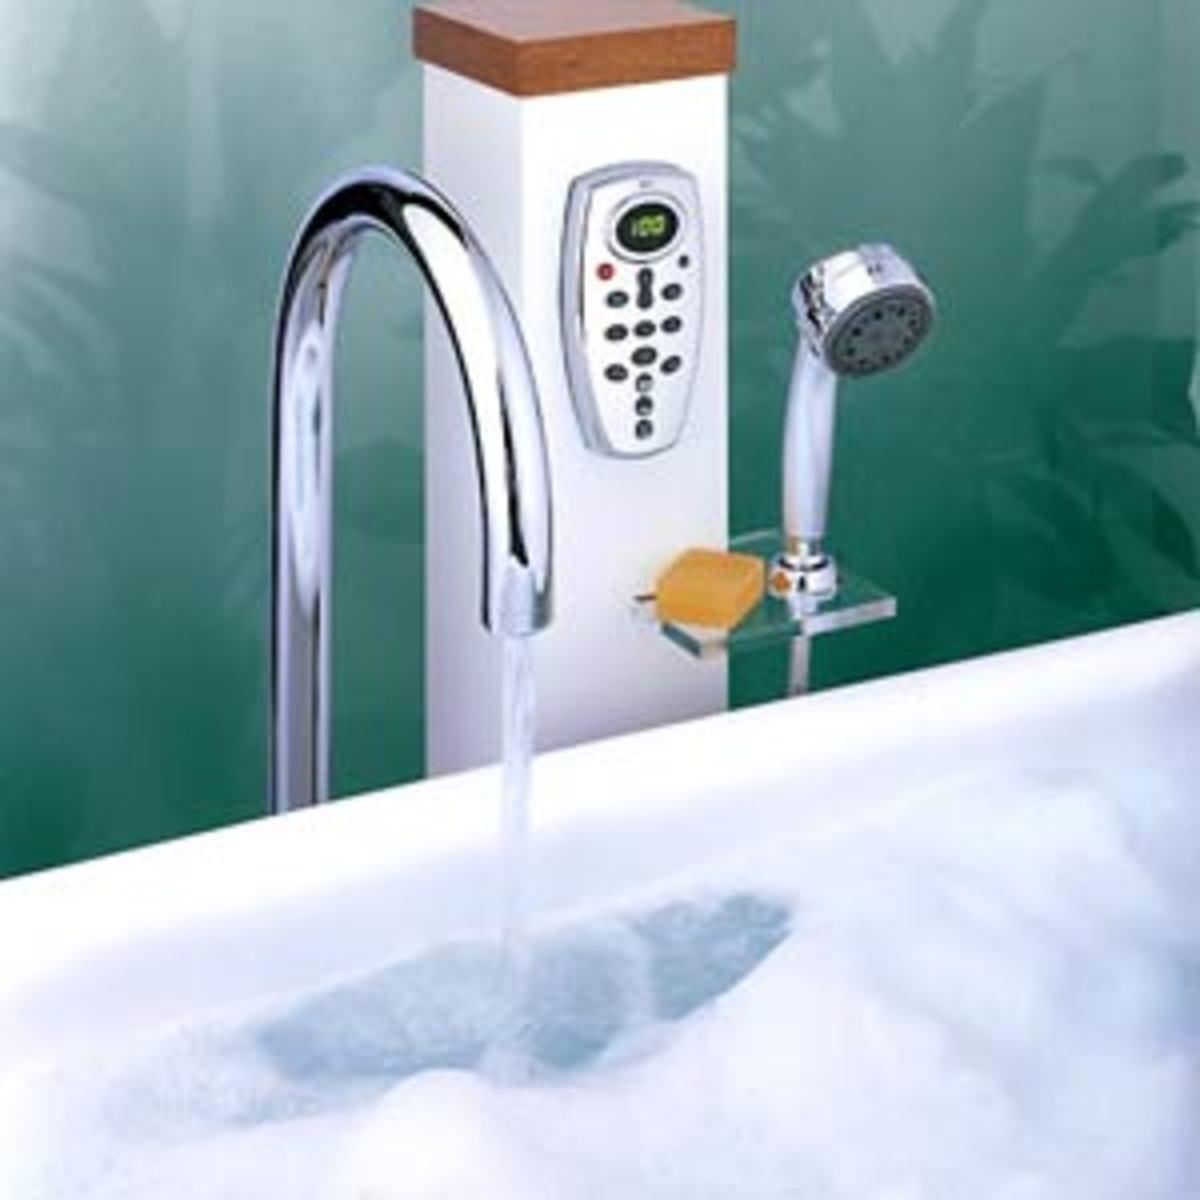 Automatic Bath Control